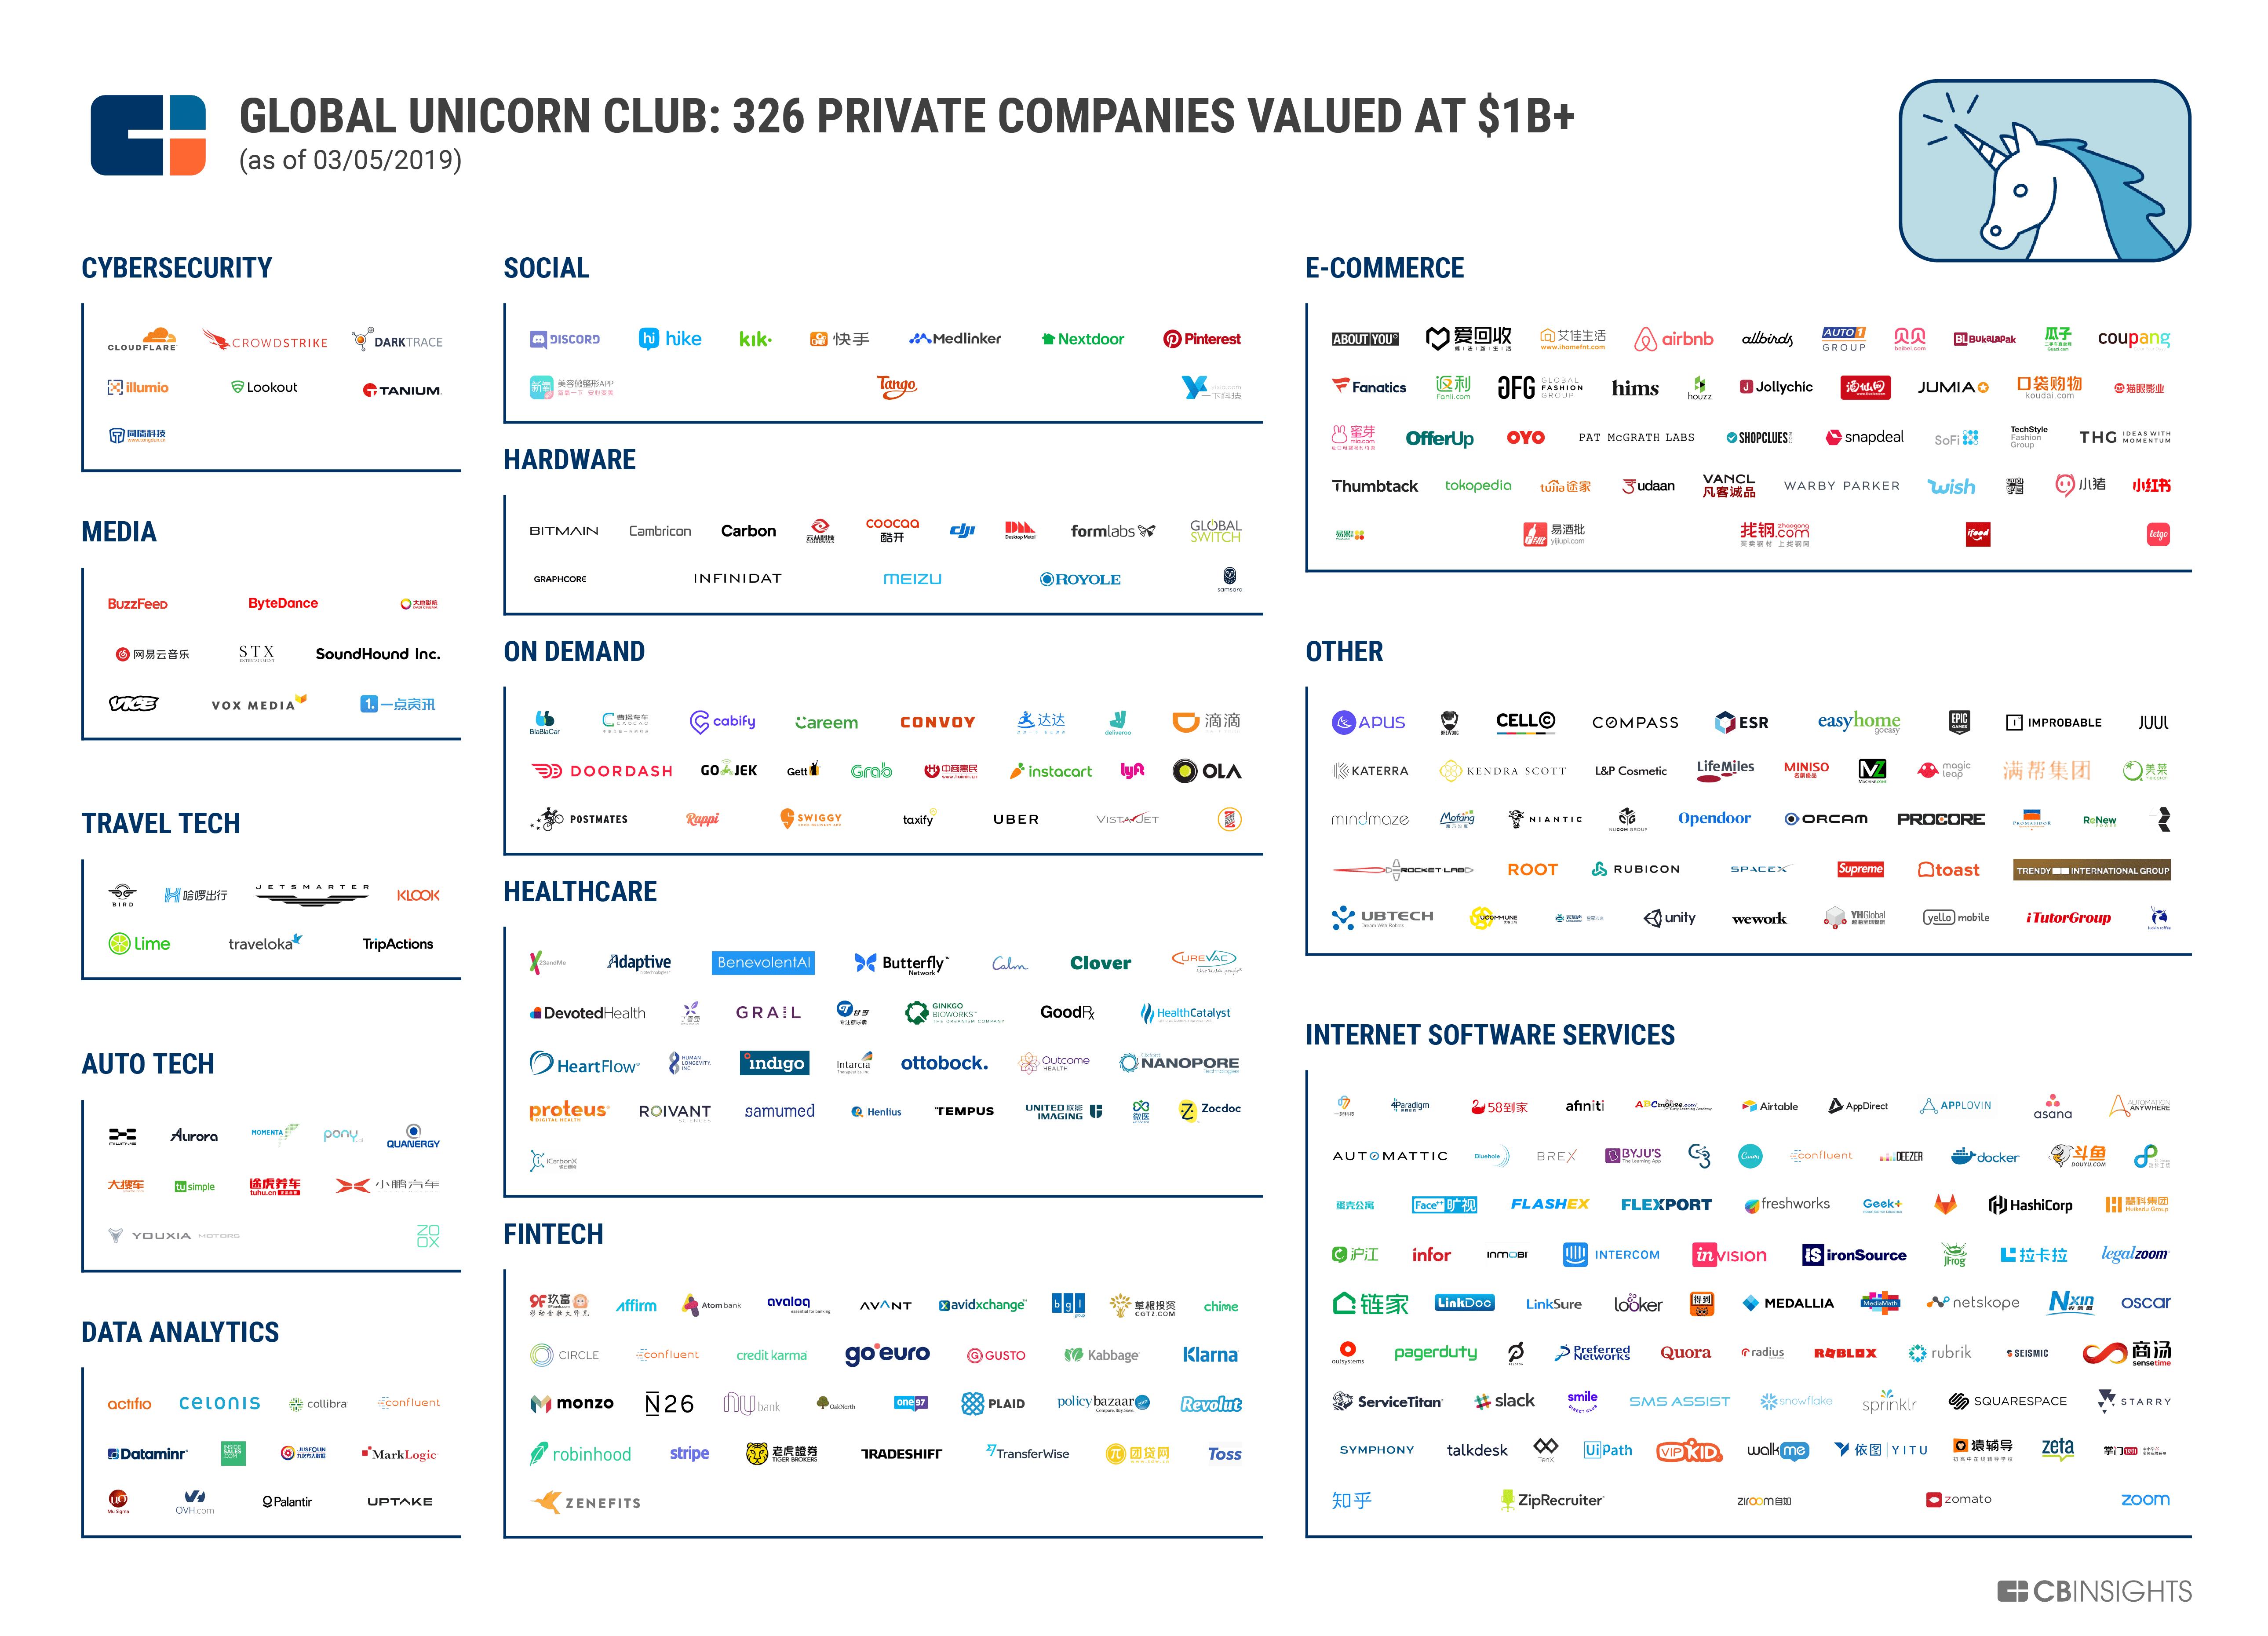 единороги компании